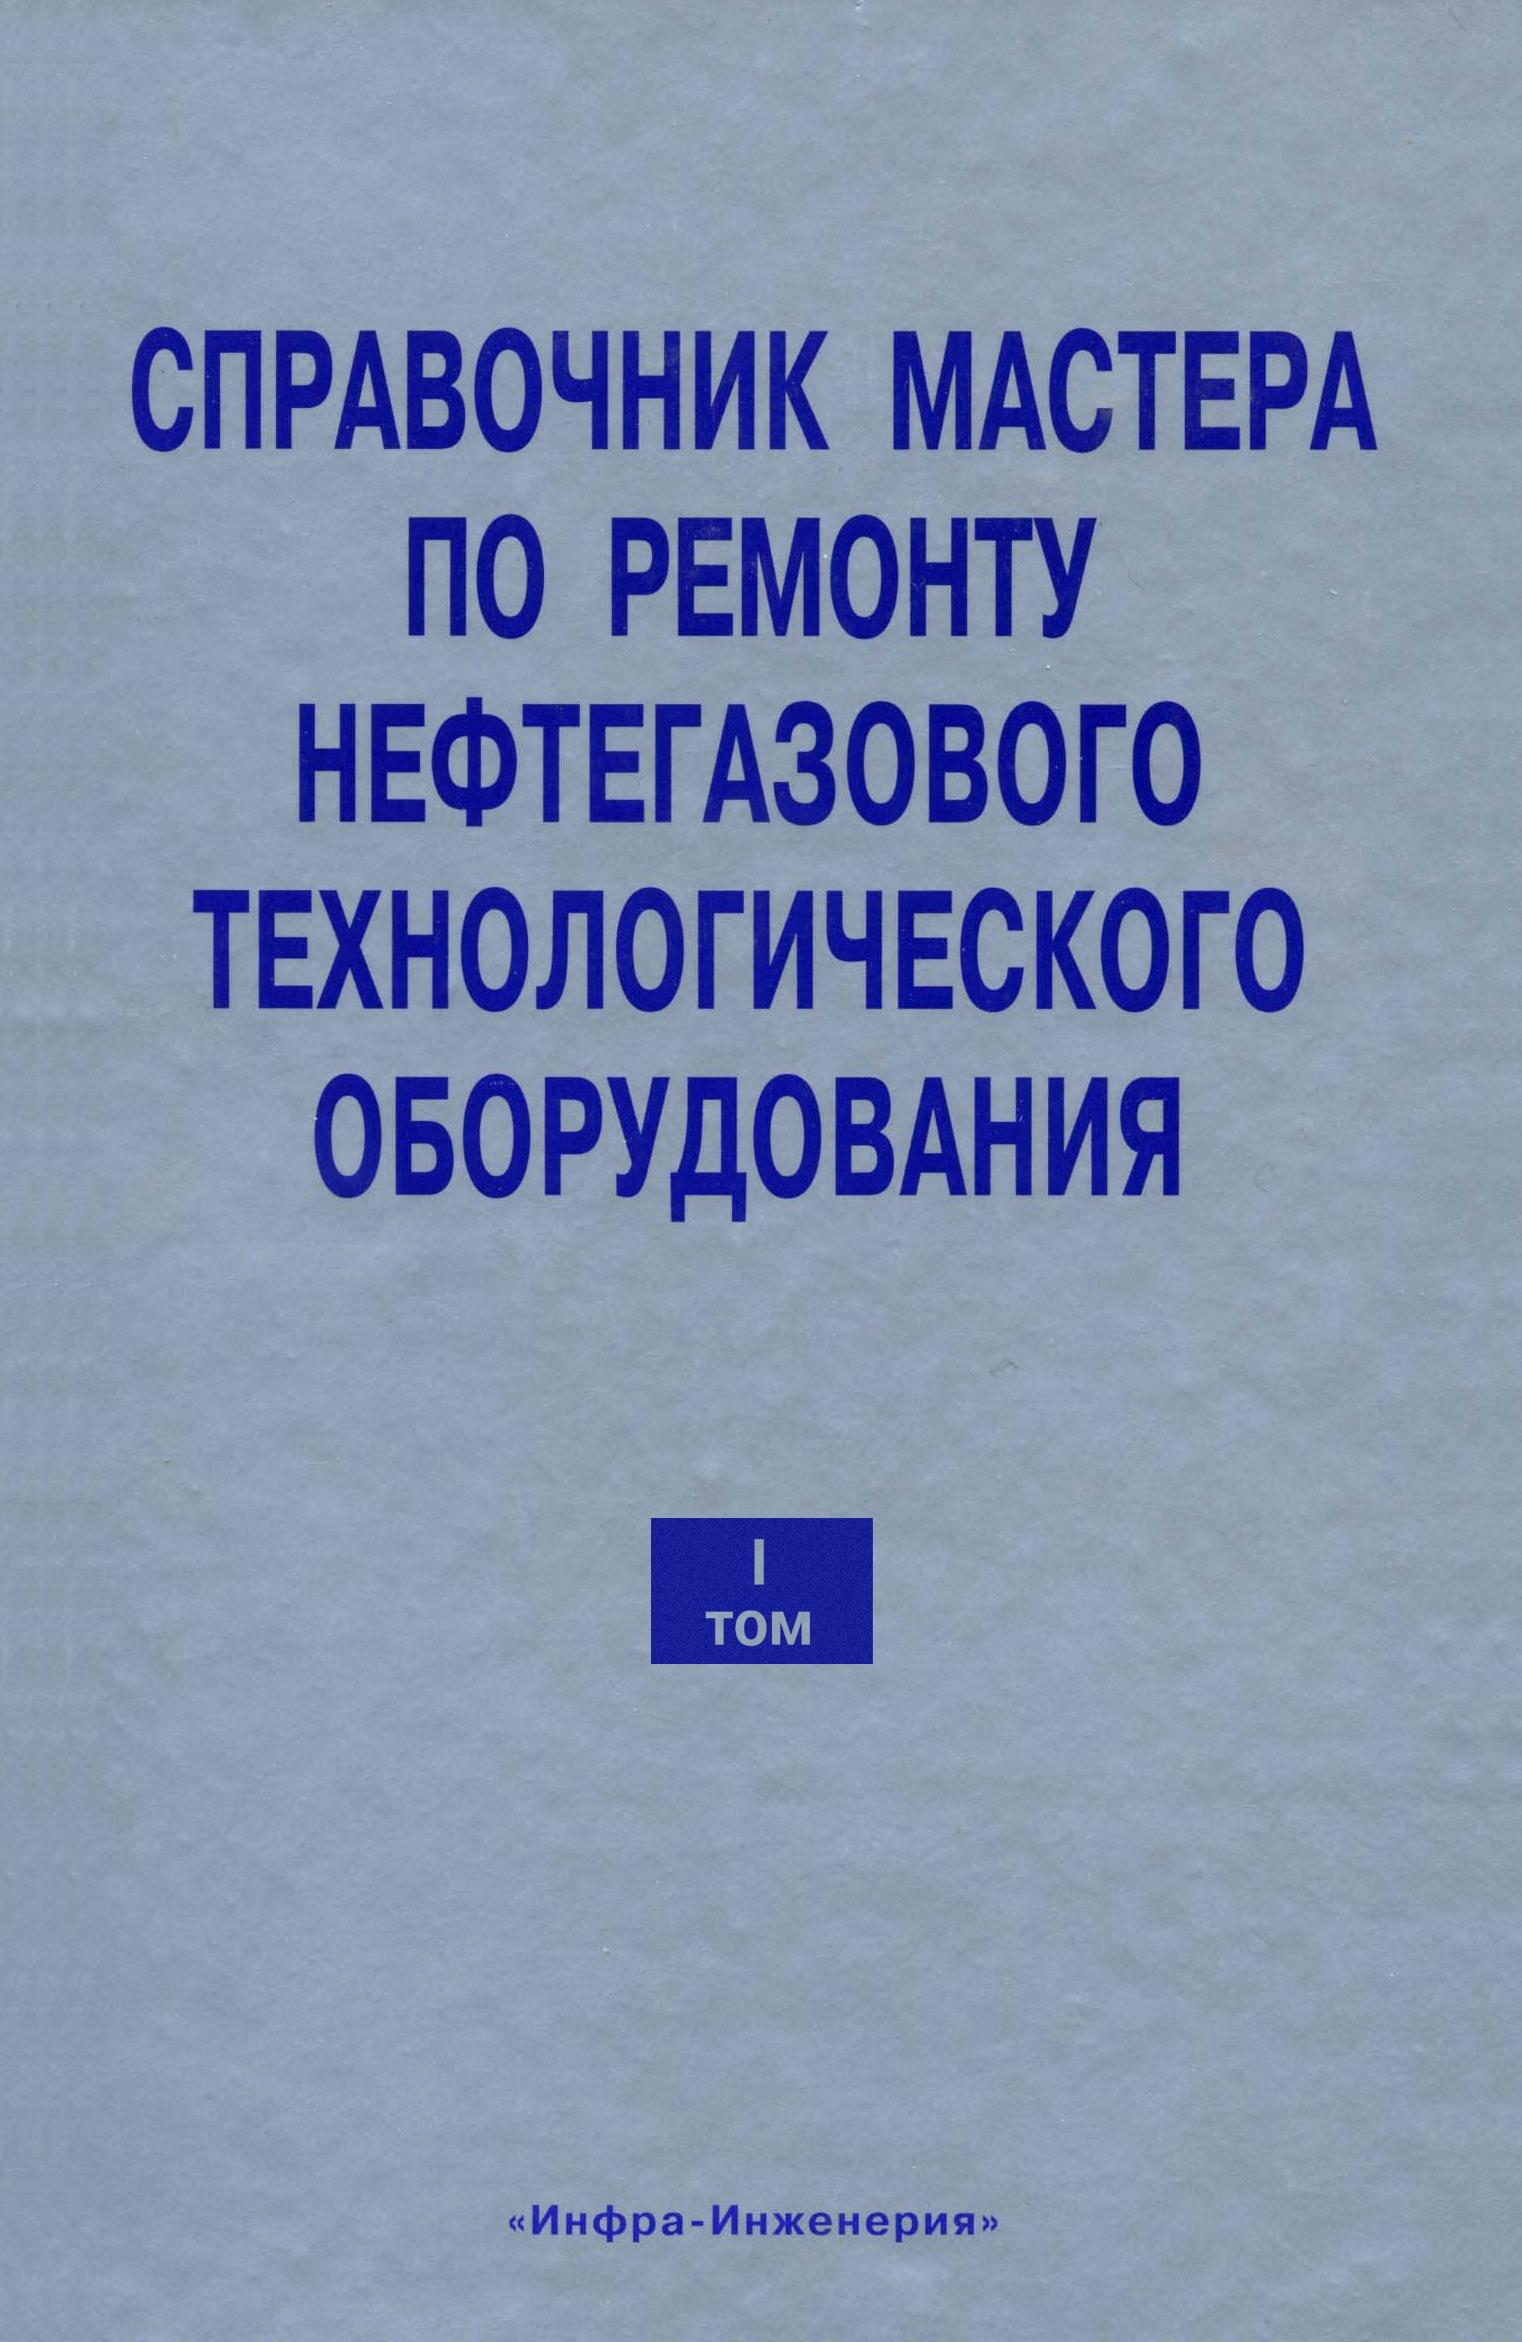 В. Ф. Бочарников Справочник мастера по ремонту нефтегазового технологического оборудования. Том 1